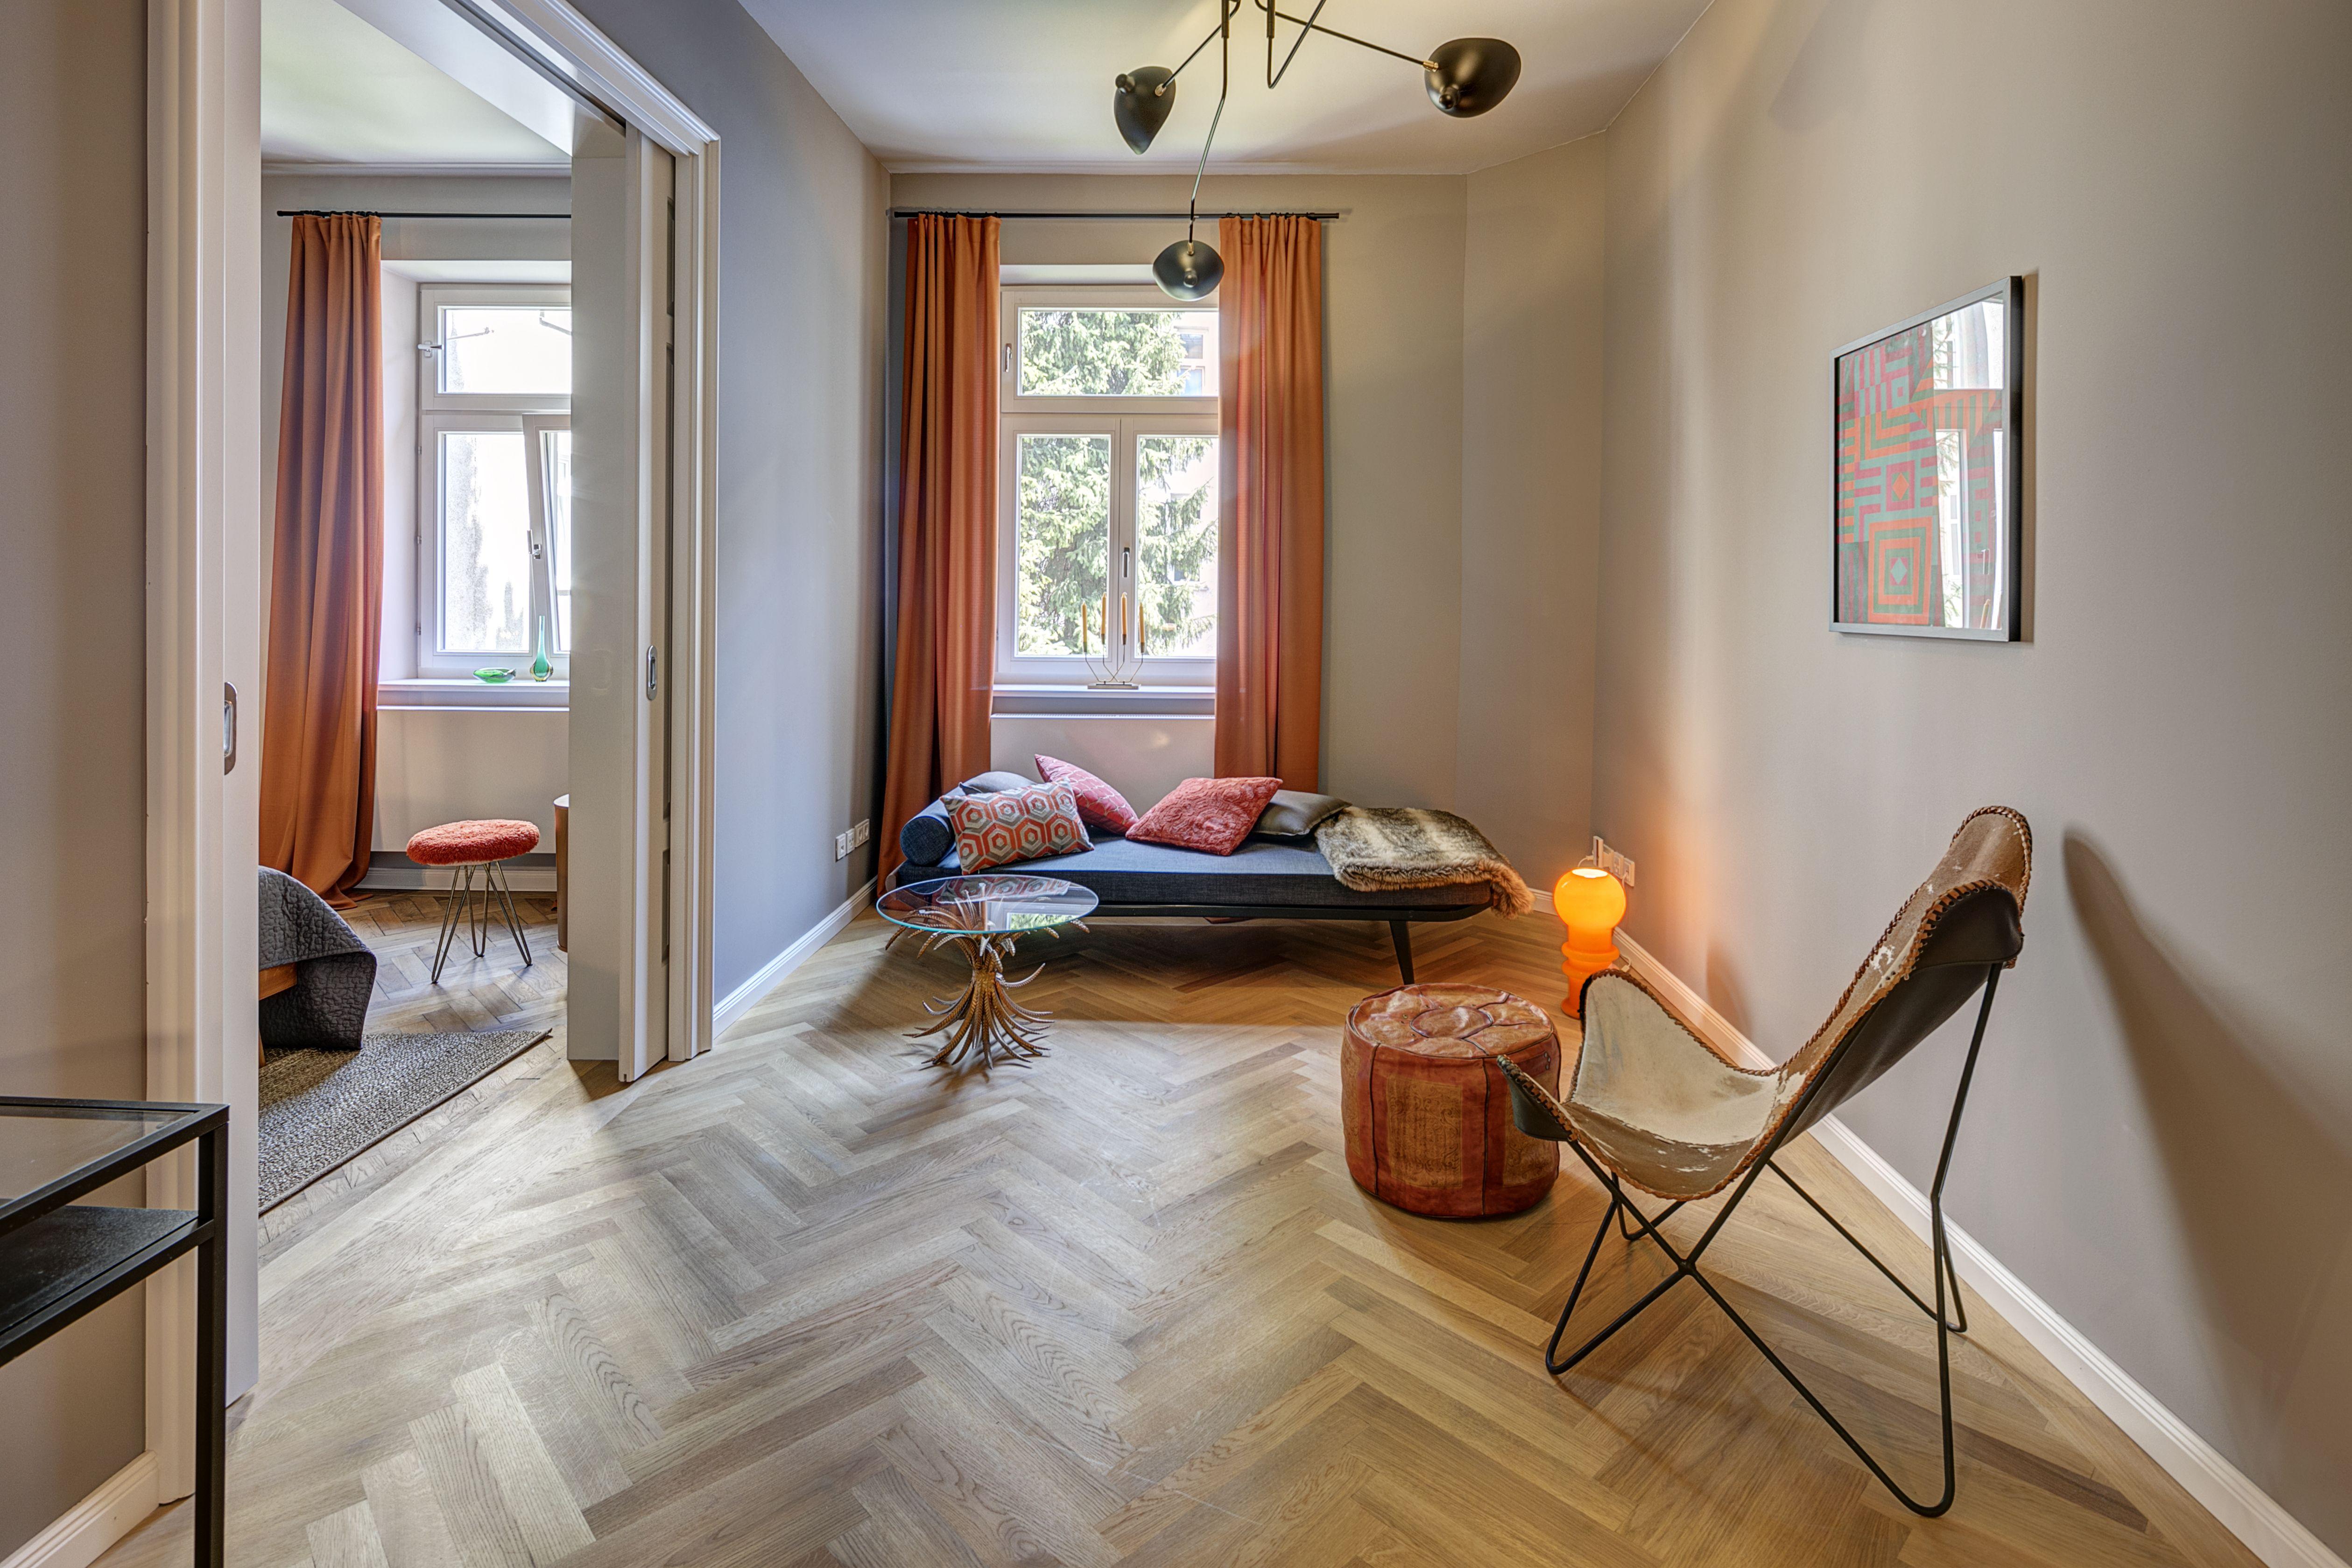 Gemütliches Und Außergewöhnliches Wohnzimmerdesign